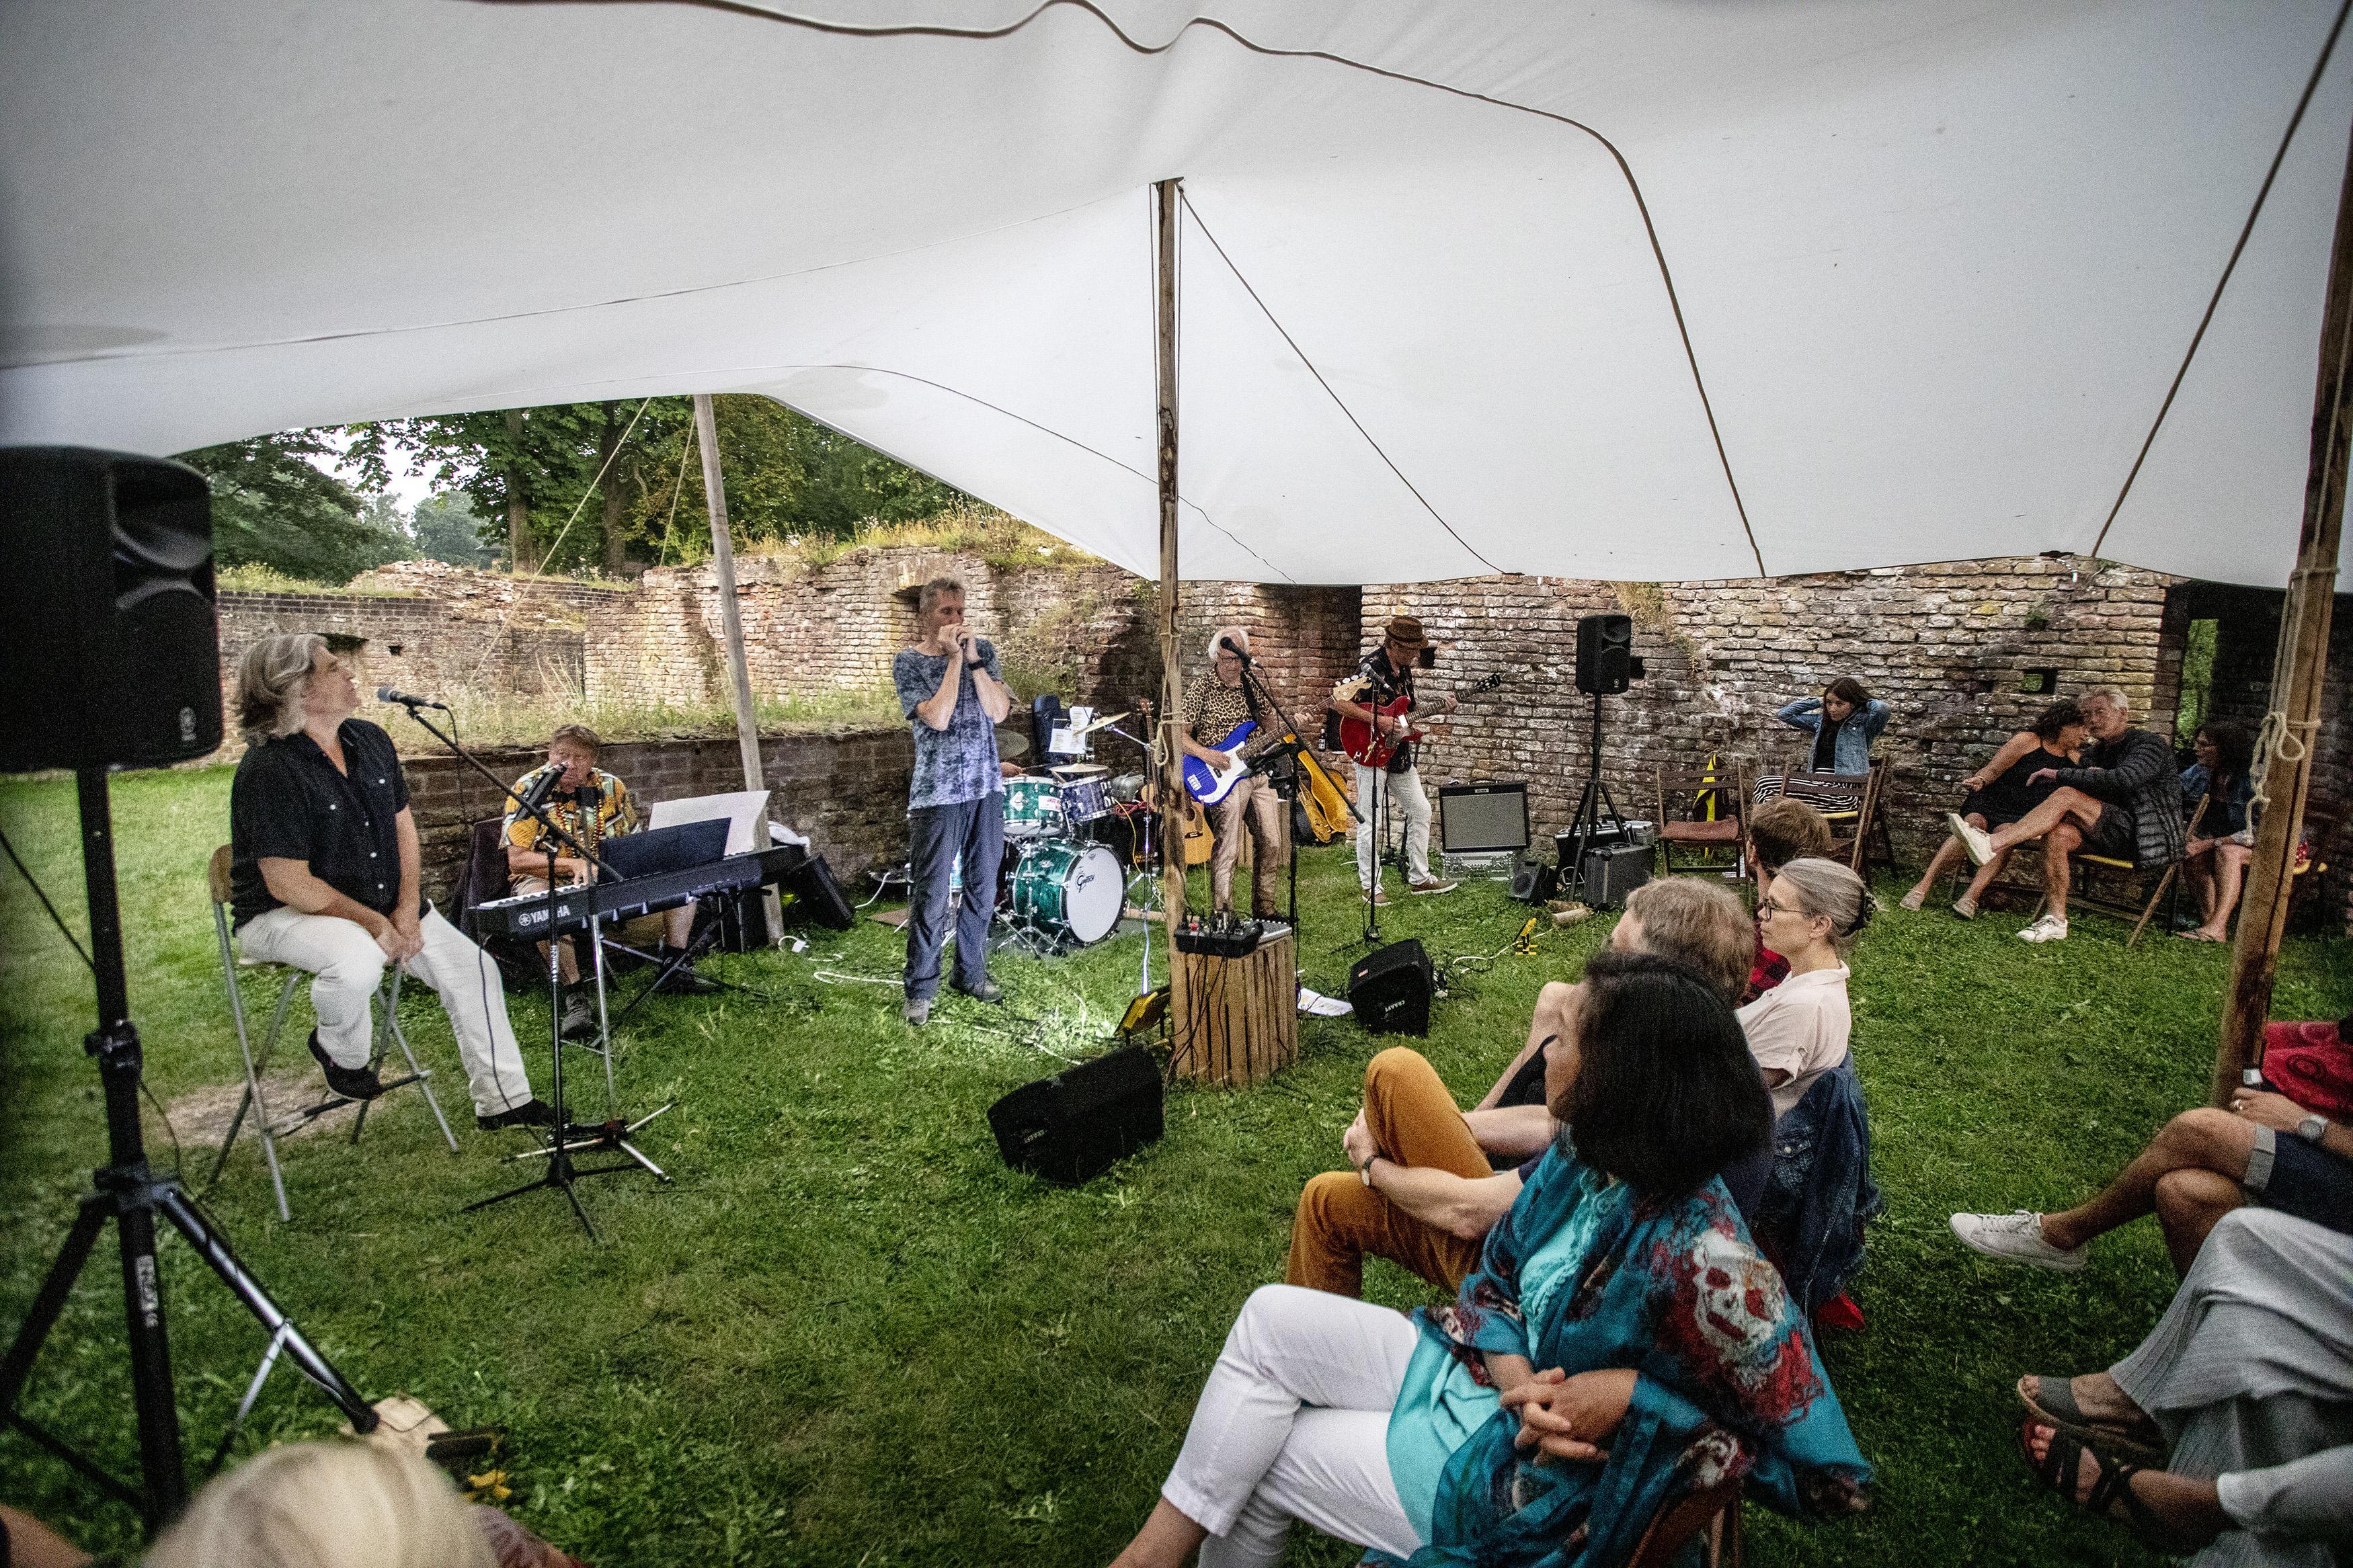 Regen houdt zich koest bij optreden PB & The Jags in de Ruïne van Brederode